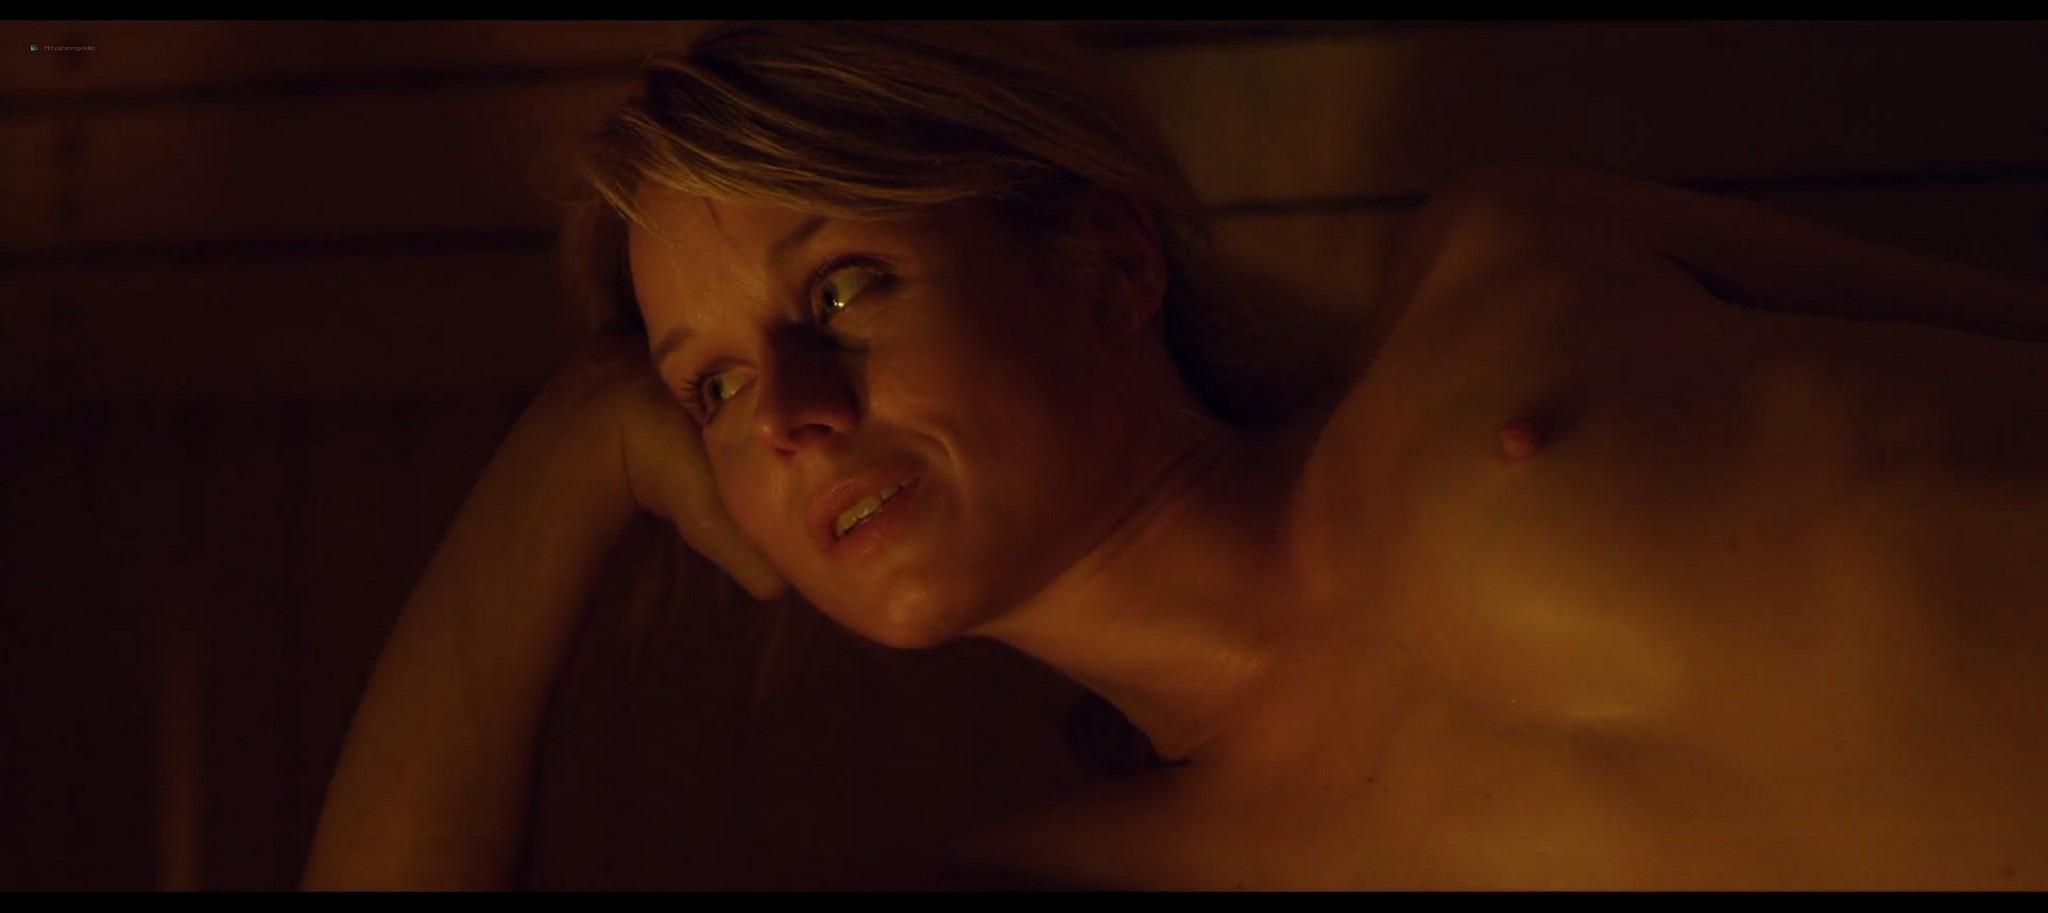 Helena Af Sandeberg nude and hot sex Morkt vatten SE 2012 1080p Web 4